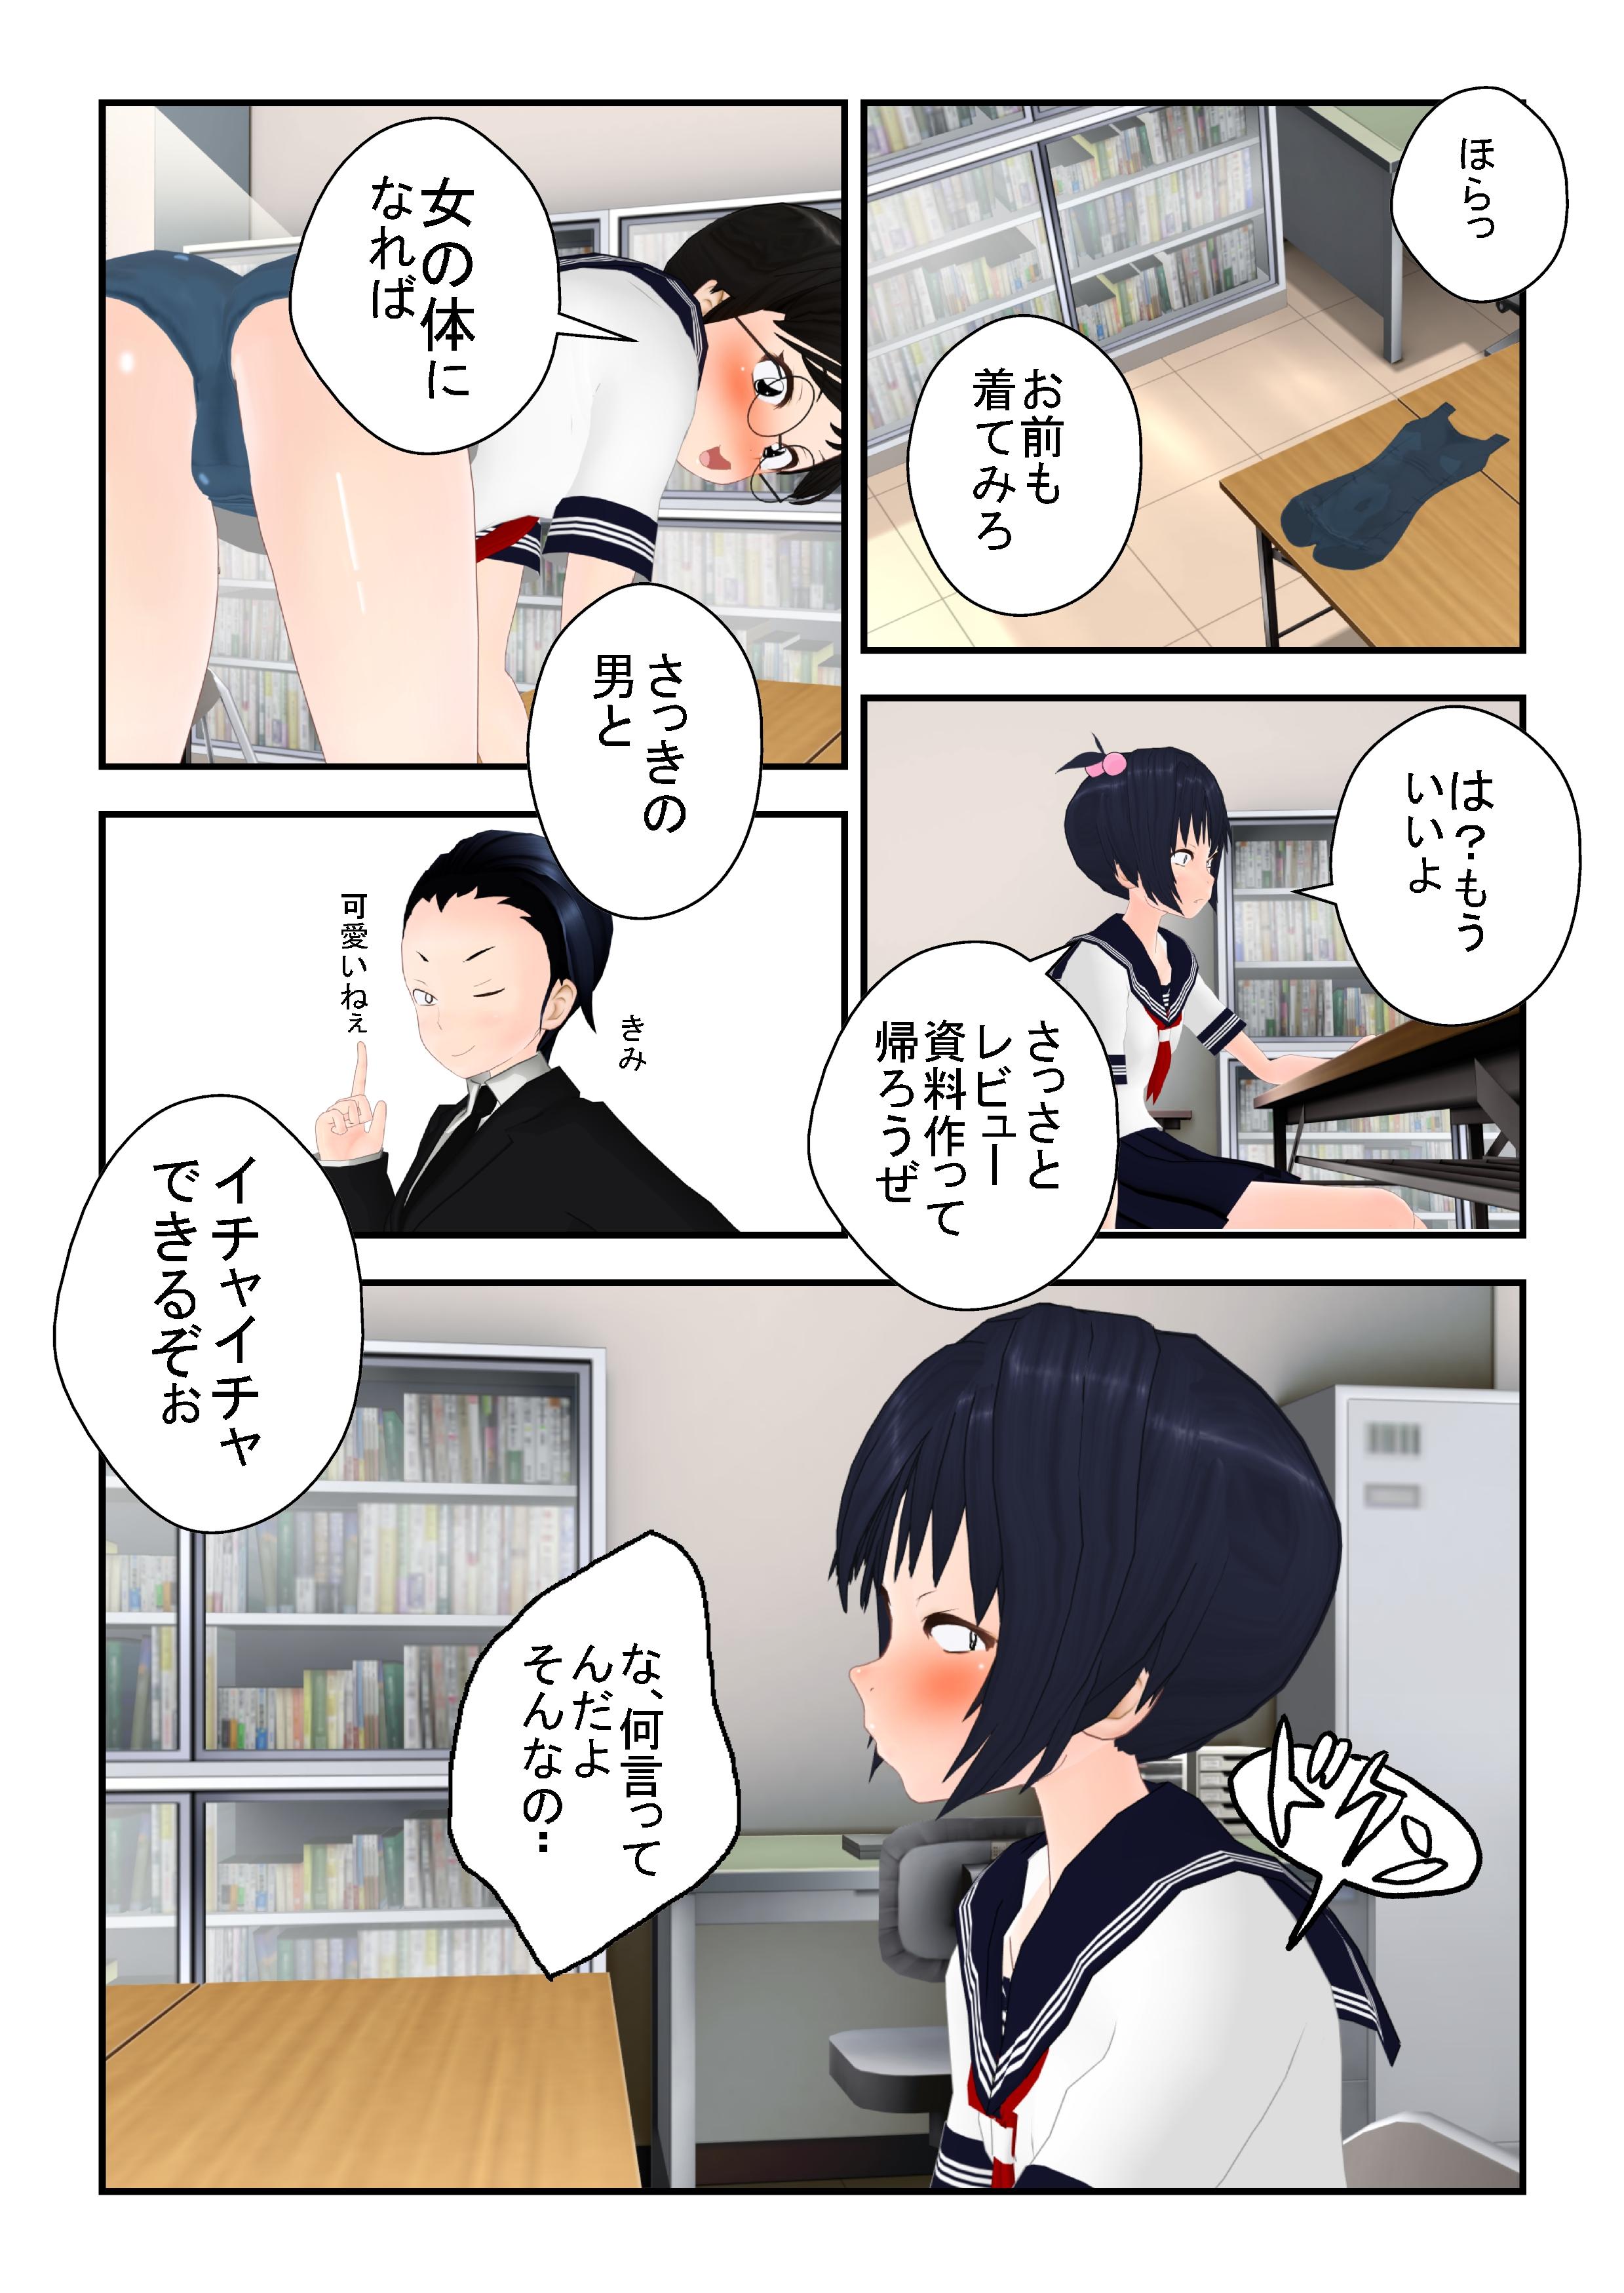 kimochi_0007.jpg